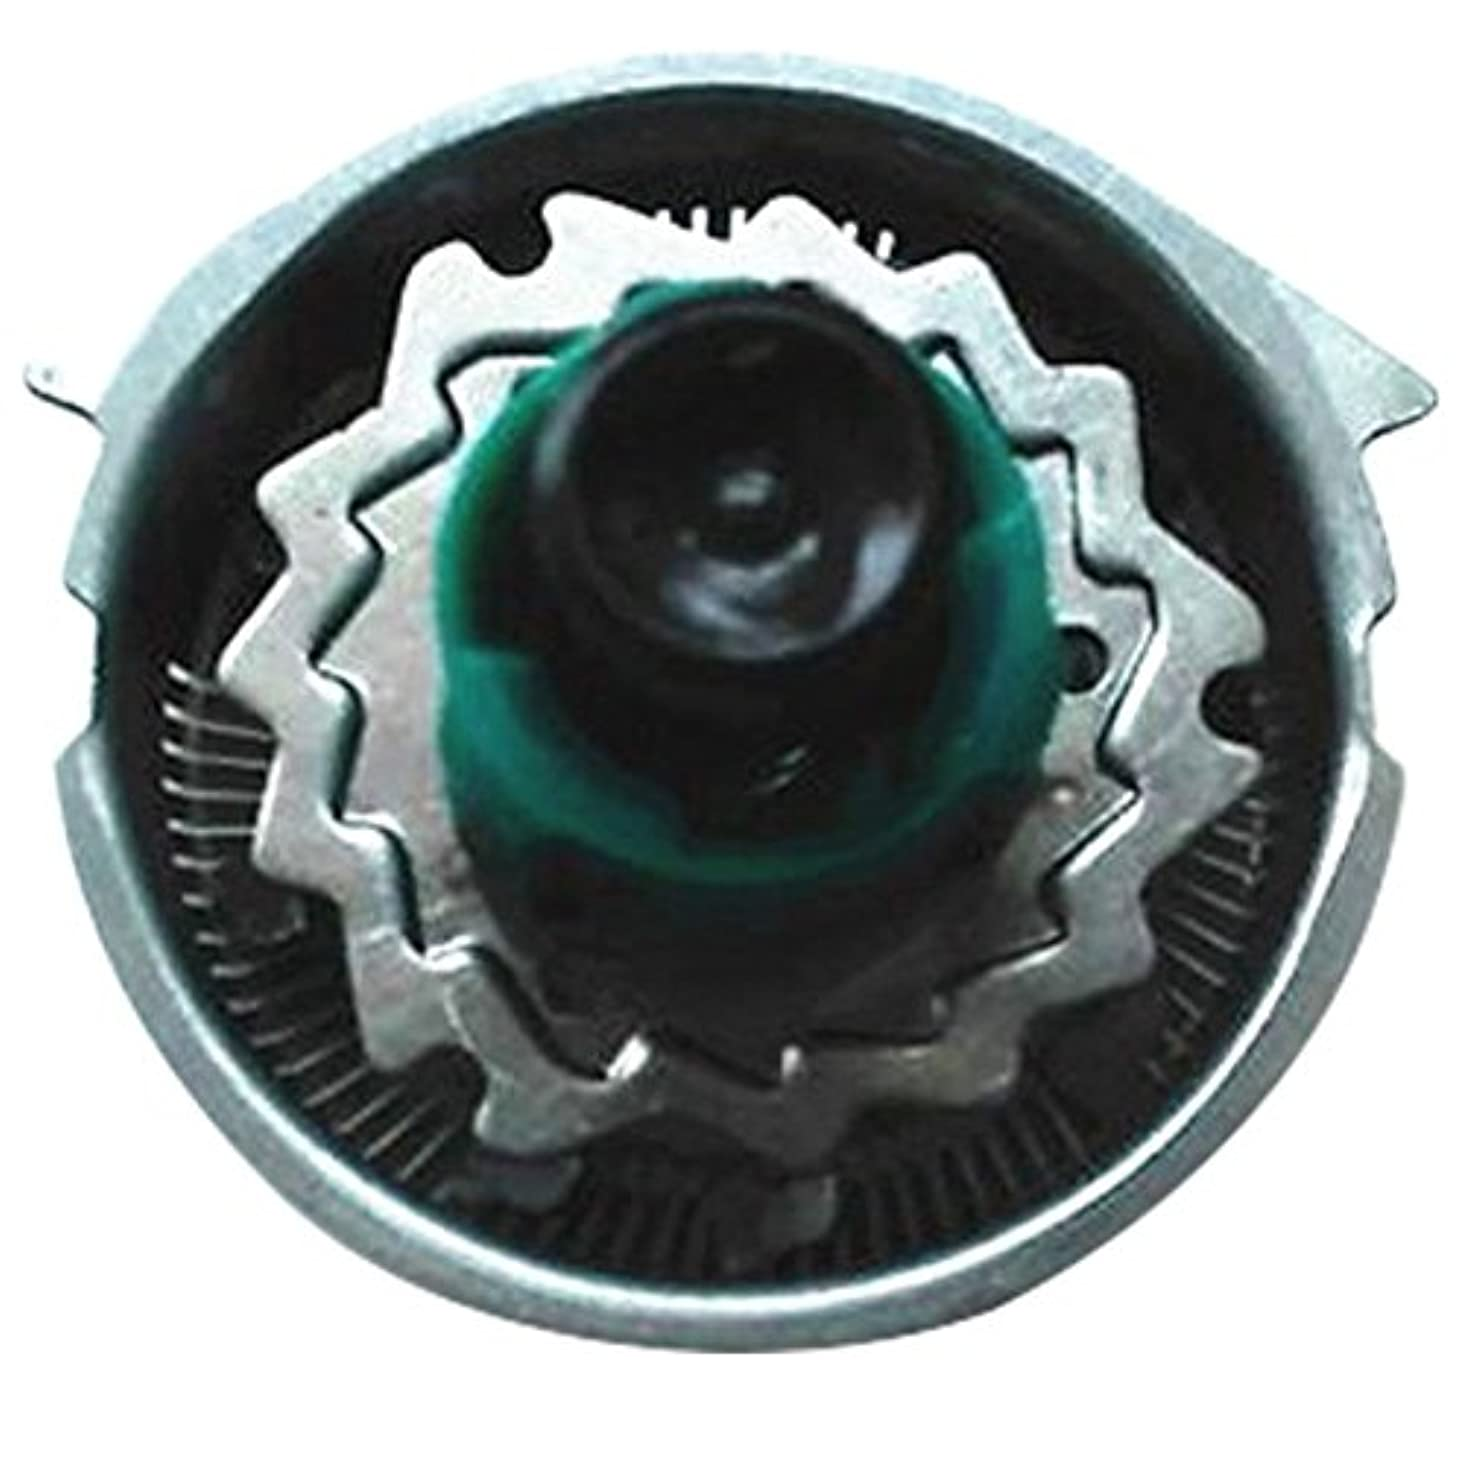 逃れる過度に説得Xinvision 置換 シェーバー 頭/カッター/キャリーバッグ/保護キャップ for Philips RQ1151 1195